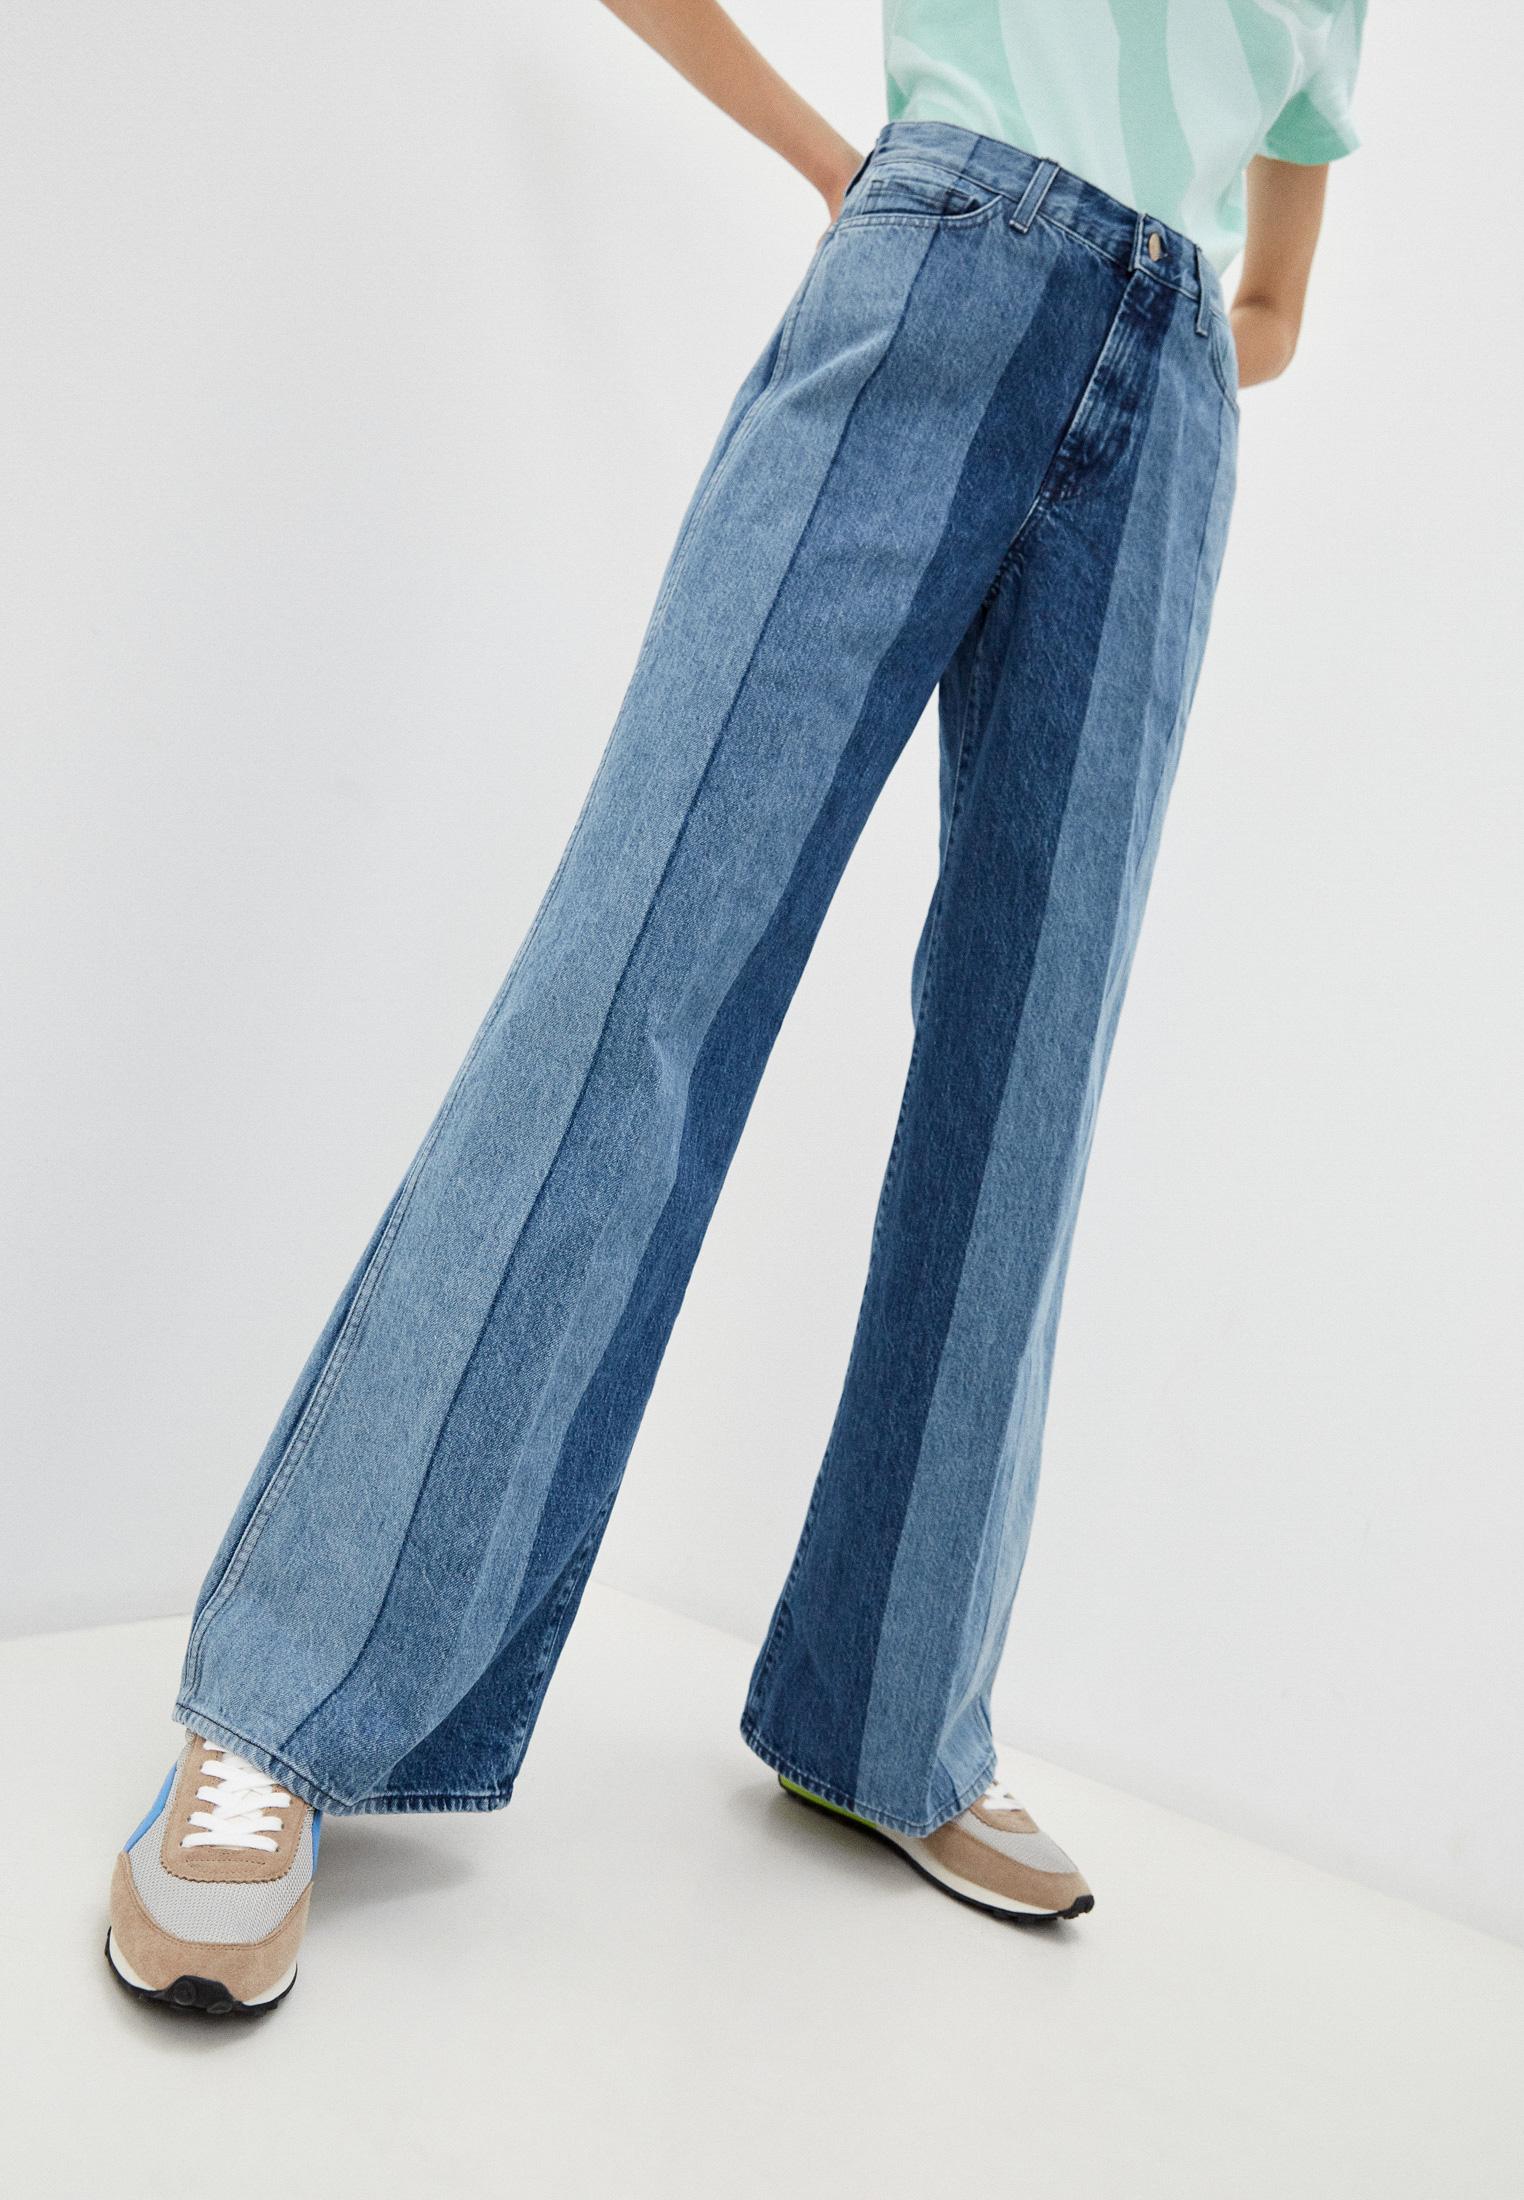 Широкие и расклешенные джинсы 7 For All Mankind (7 Фо Олл Мэнкайнд) Джинсы 7 For All Mankind